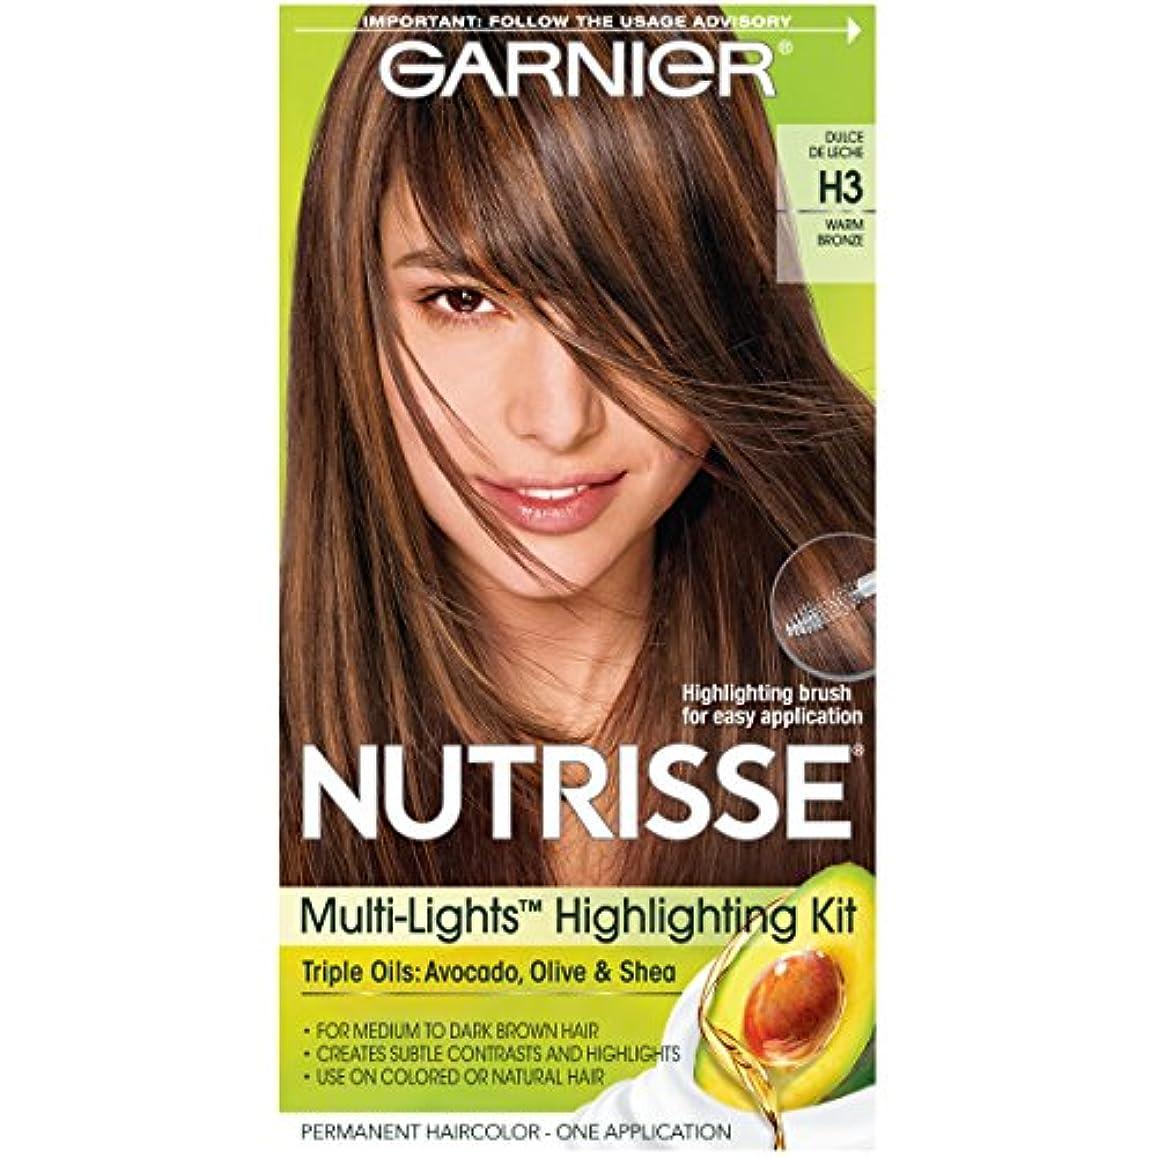 Garnier Nutrisseナリシングヘアカラークリーム、H3ウォームブロンズ(梱包が変更になる場合があります)